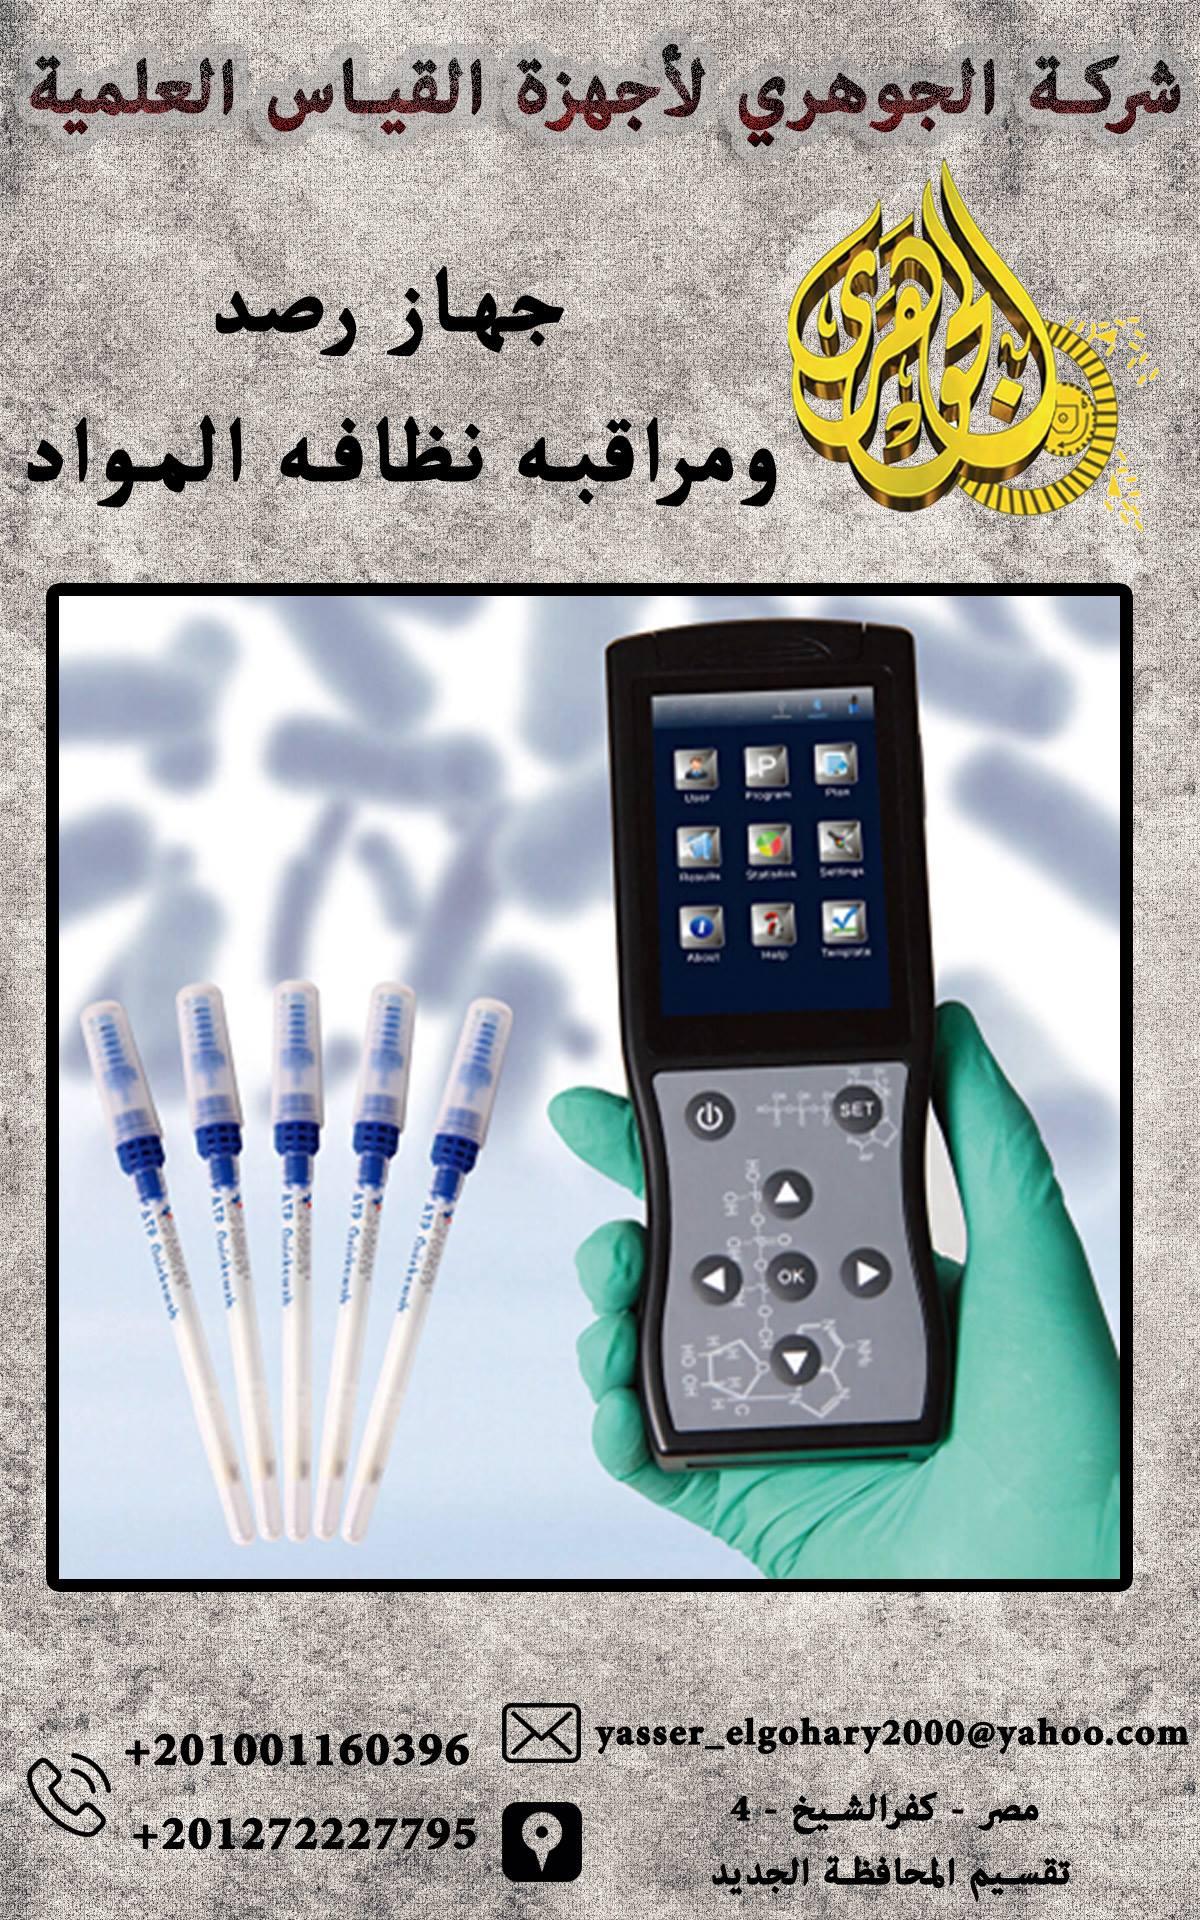 جهاز ومراقبه نظافه المواد Portable 859341944.jpg